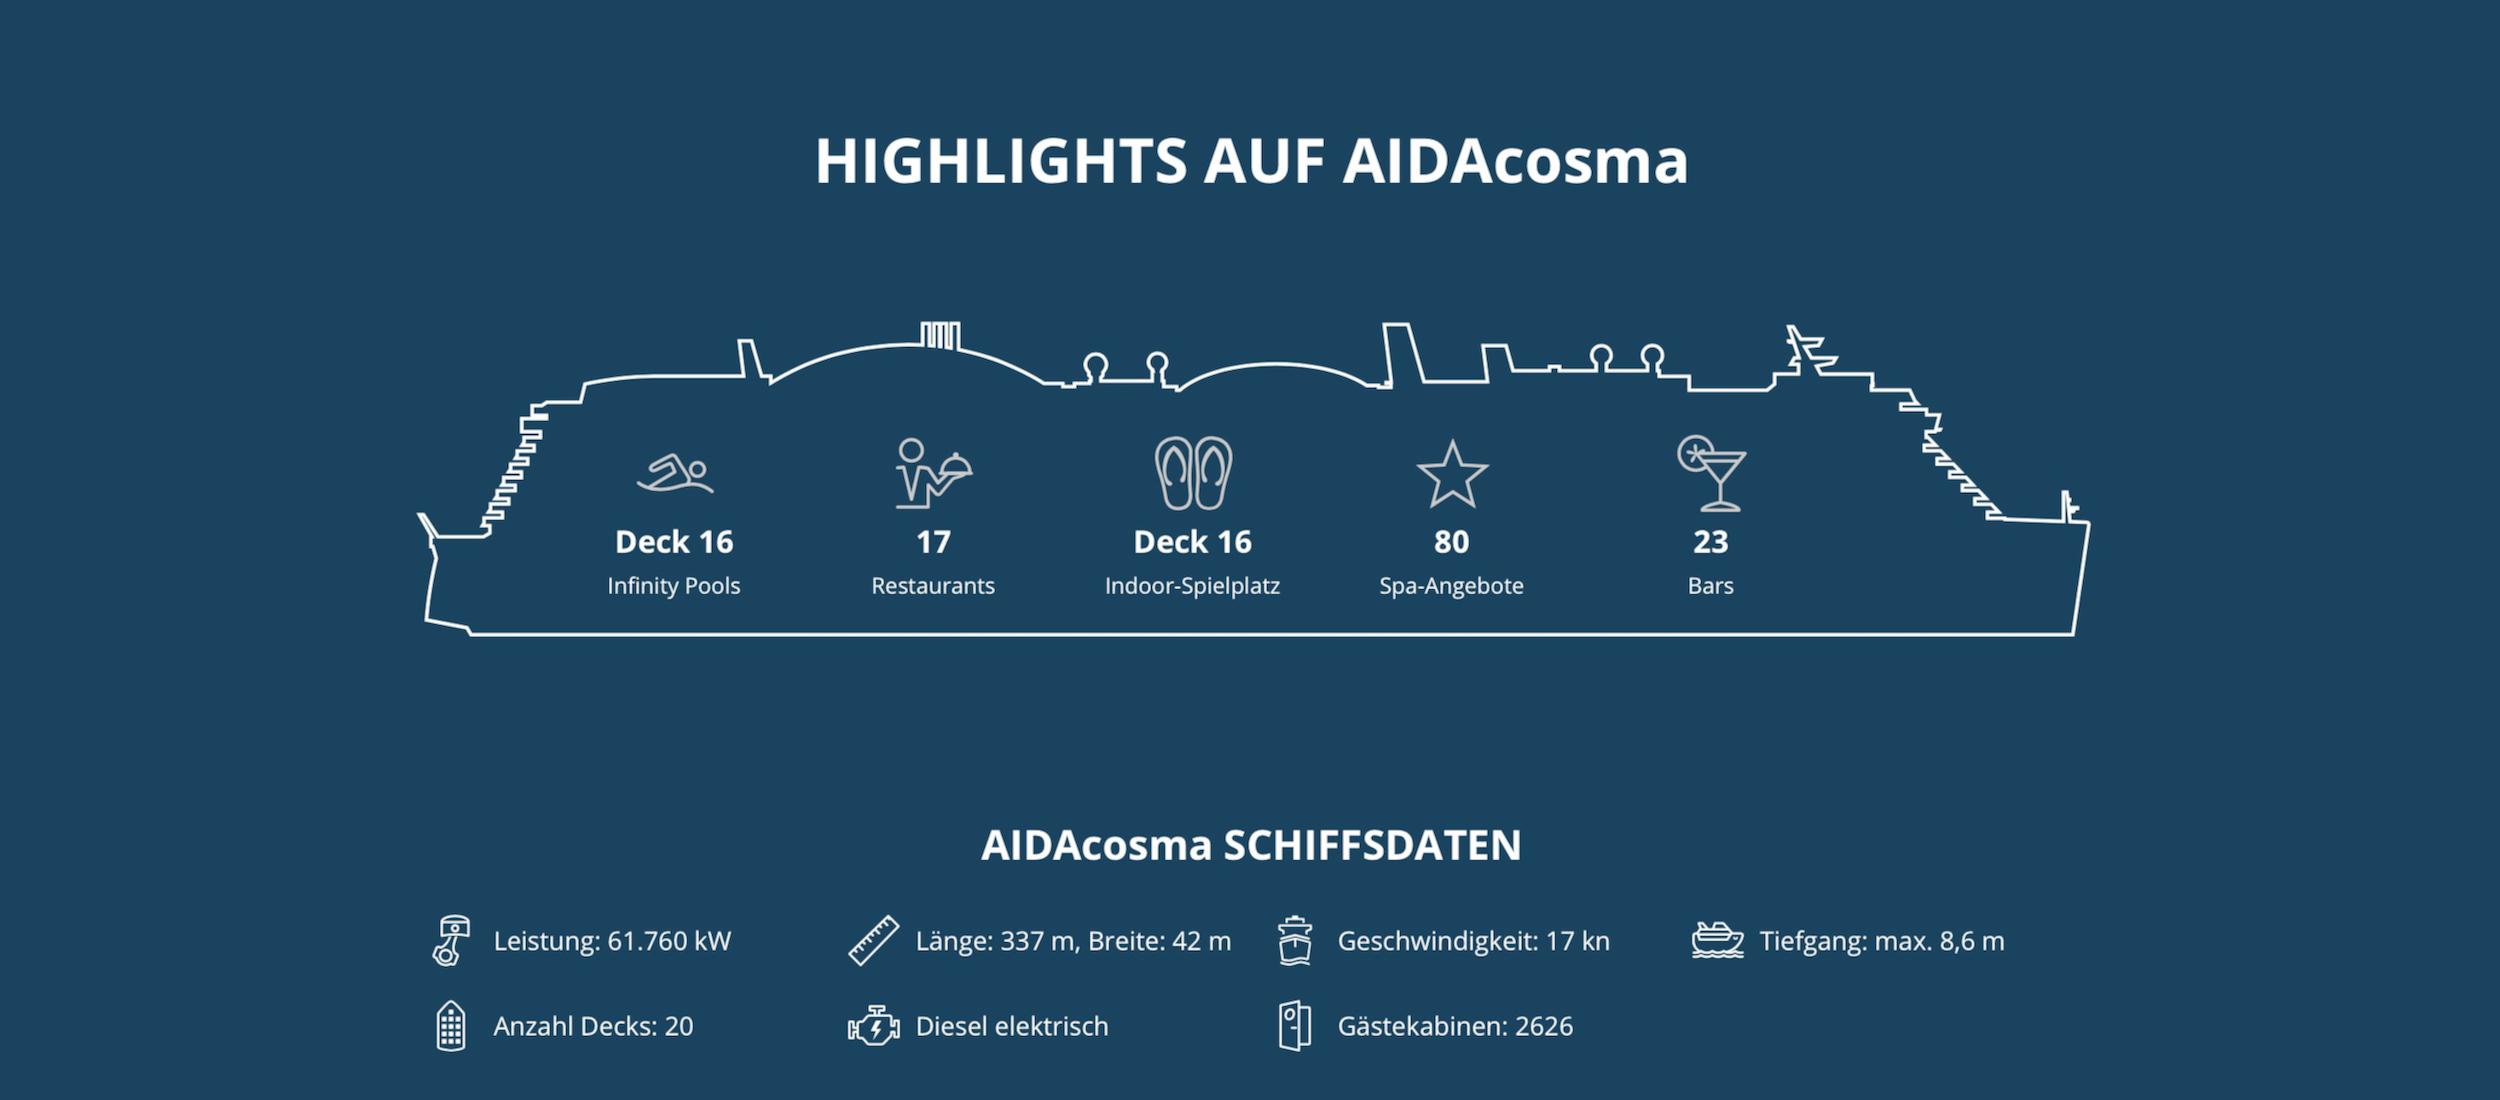 aida-cruises-ships-aidacosma-daten